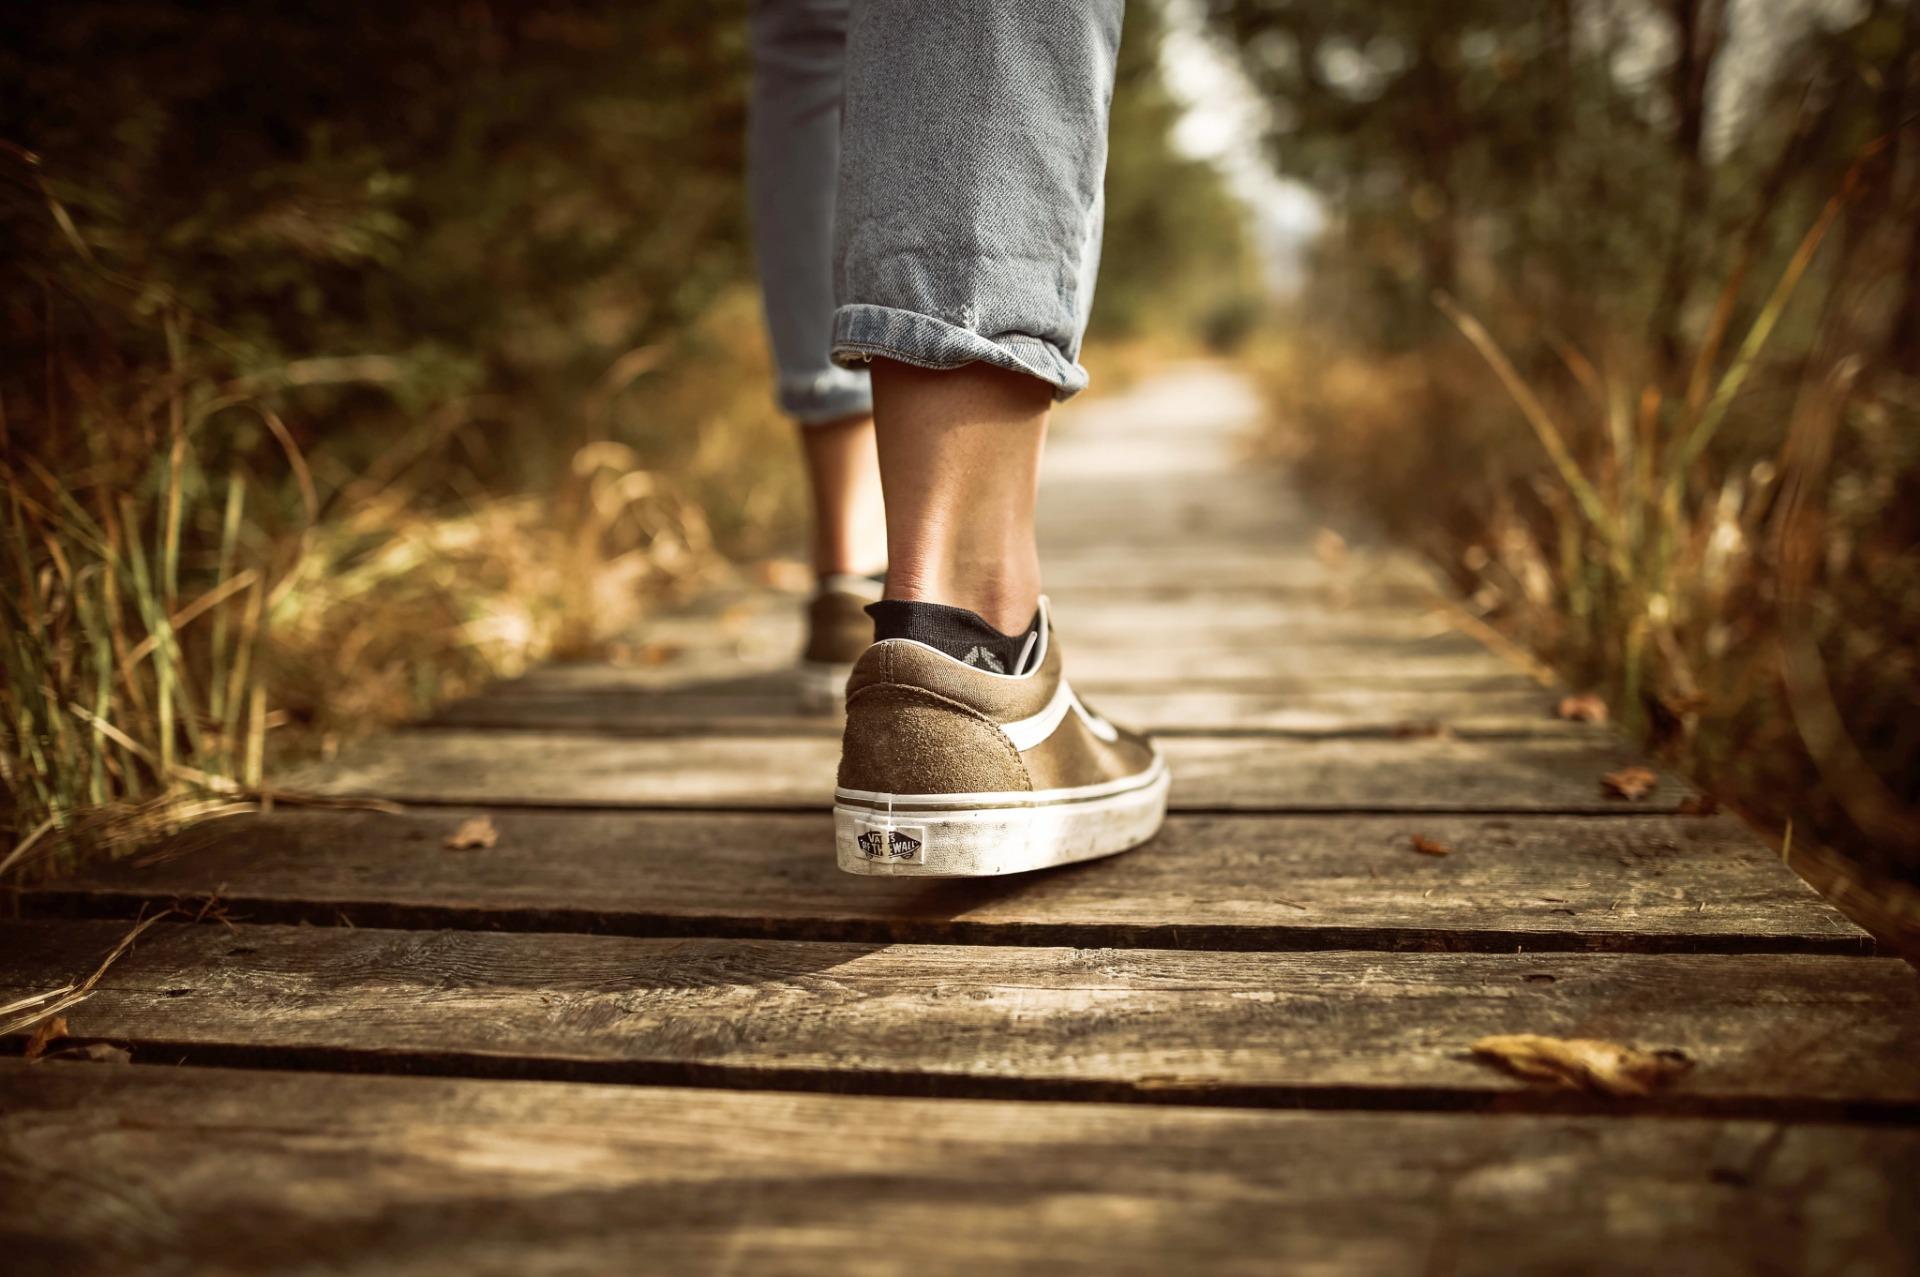 Chairty Walk